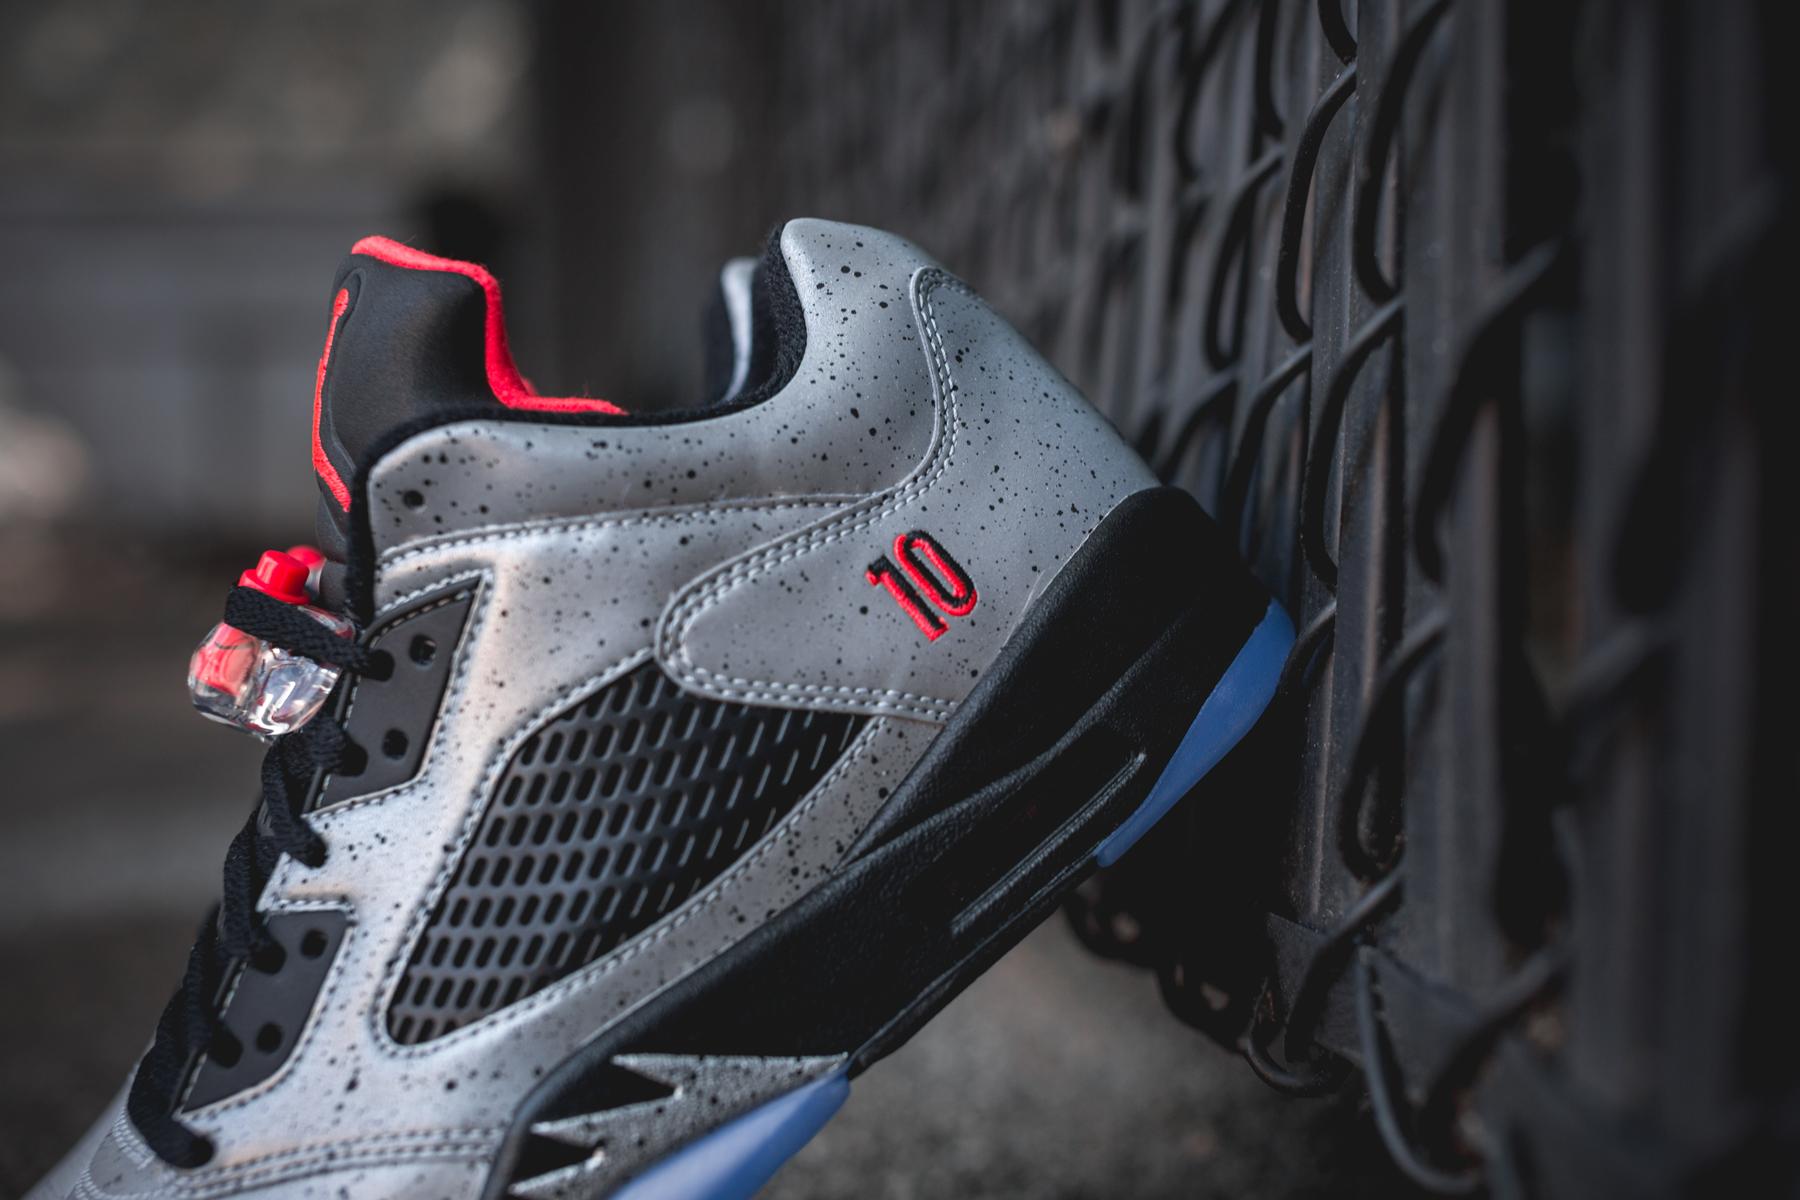 newest 0a7e6 0b506 acheter chaussure Air Jordan 5 Retro Low  Neymar Jr  (Reflective Silver  Infrared 23